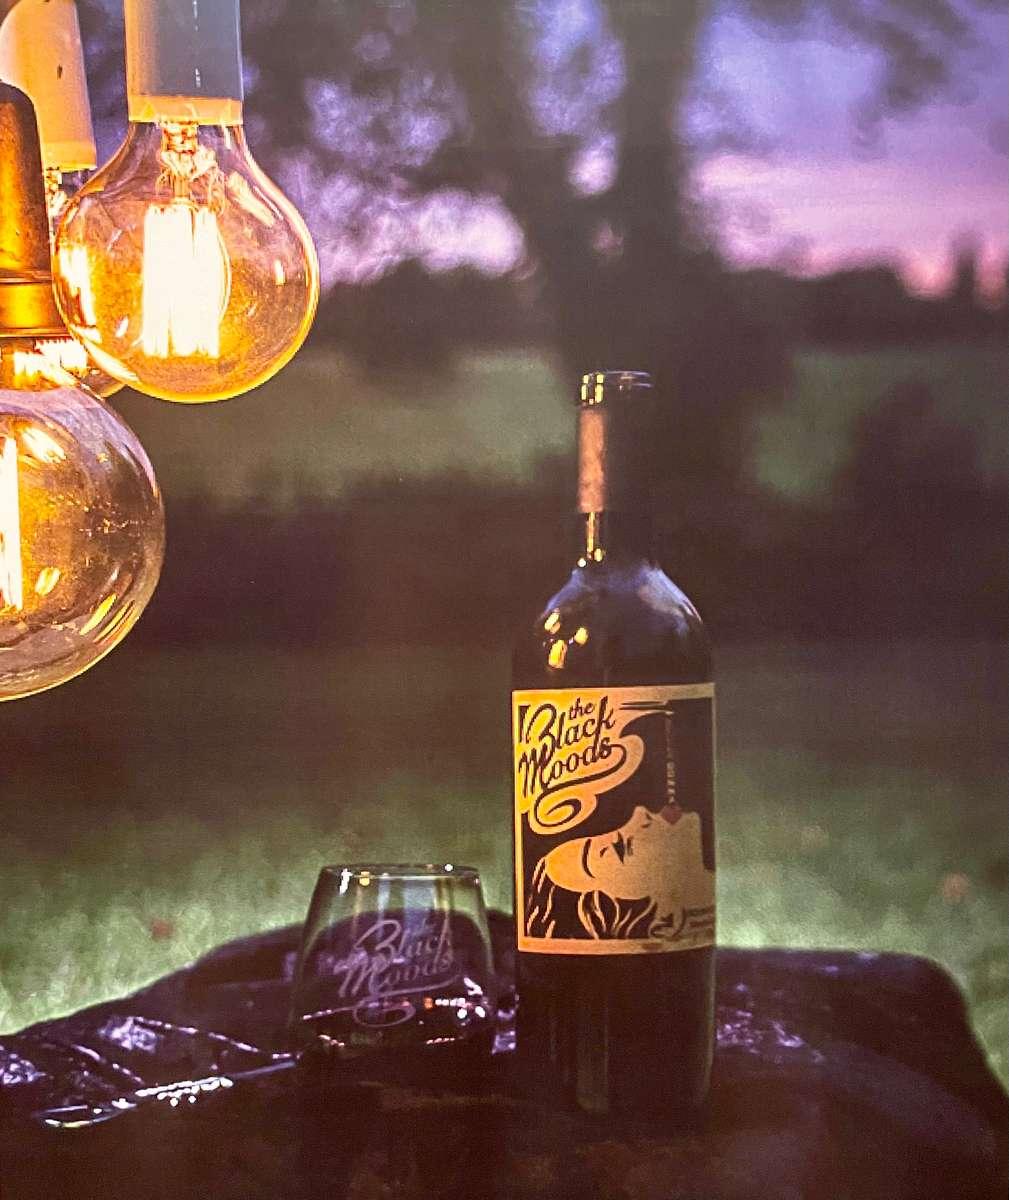 Dinner & A Bottle